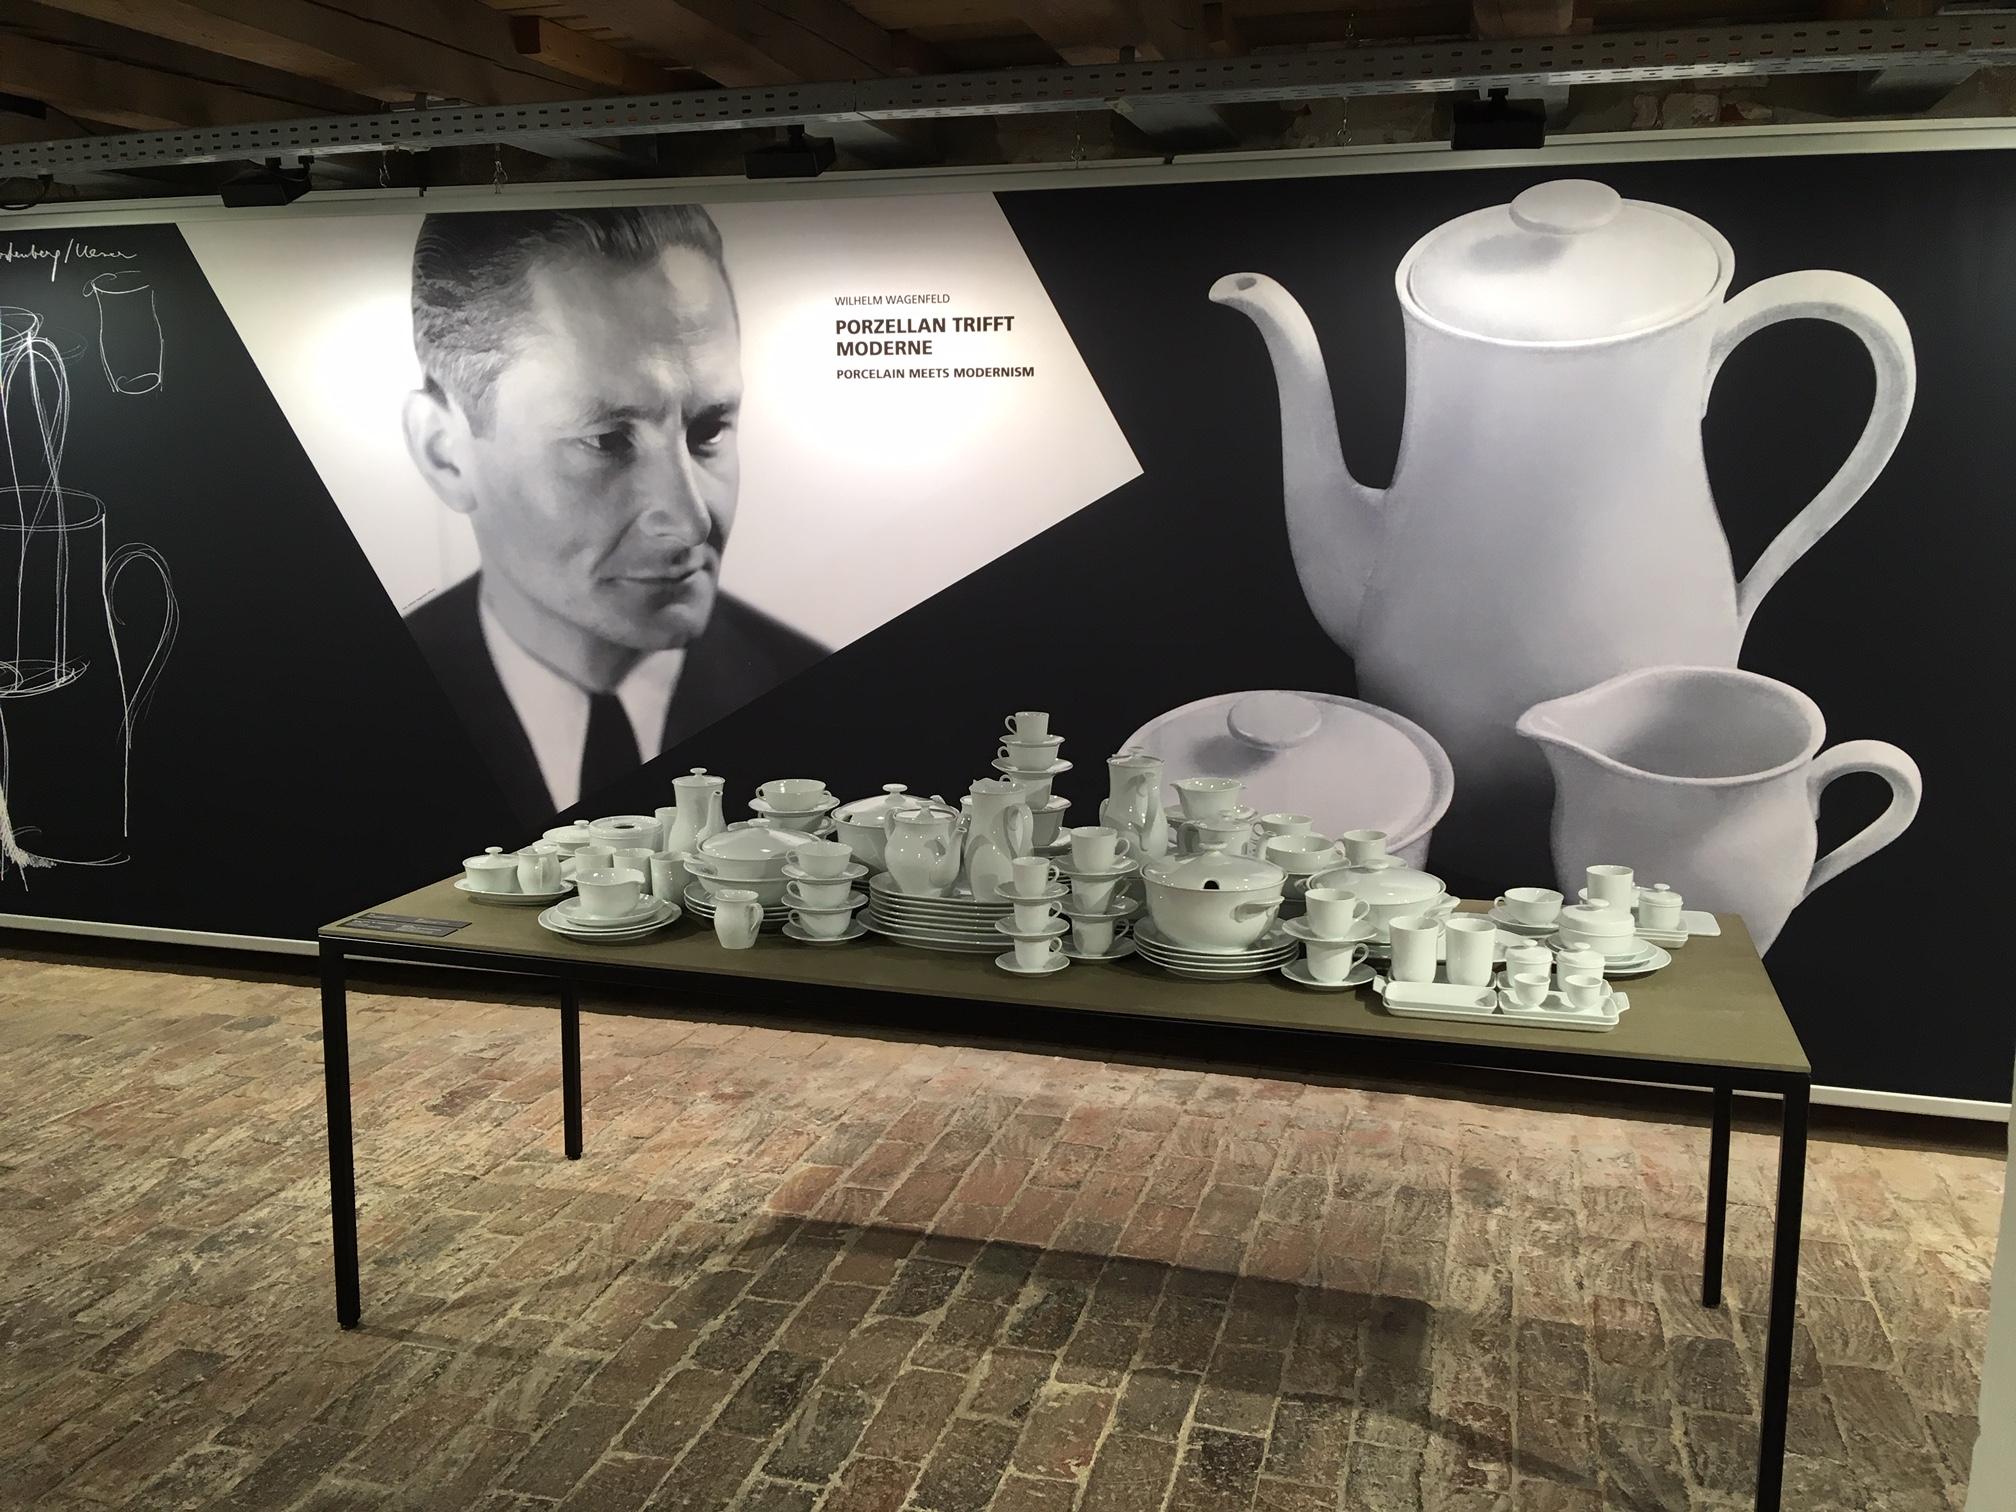 Im Vordergrund ein Tisch, auf dem steht ganz viel weißes Porzellan von Wilhelm Wagenfeld, im Hintergrund ein Bild von Herrn Wagenfeld und eine Kaffeekanne aus Porzellan